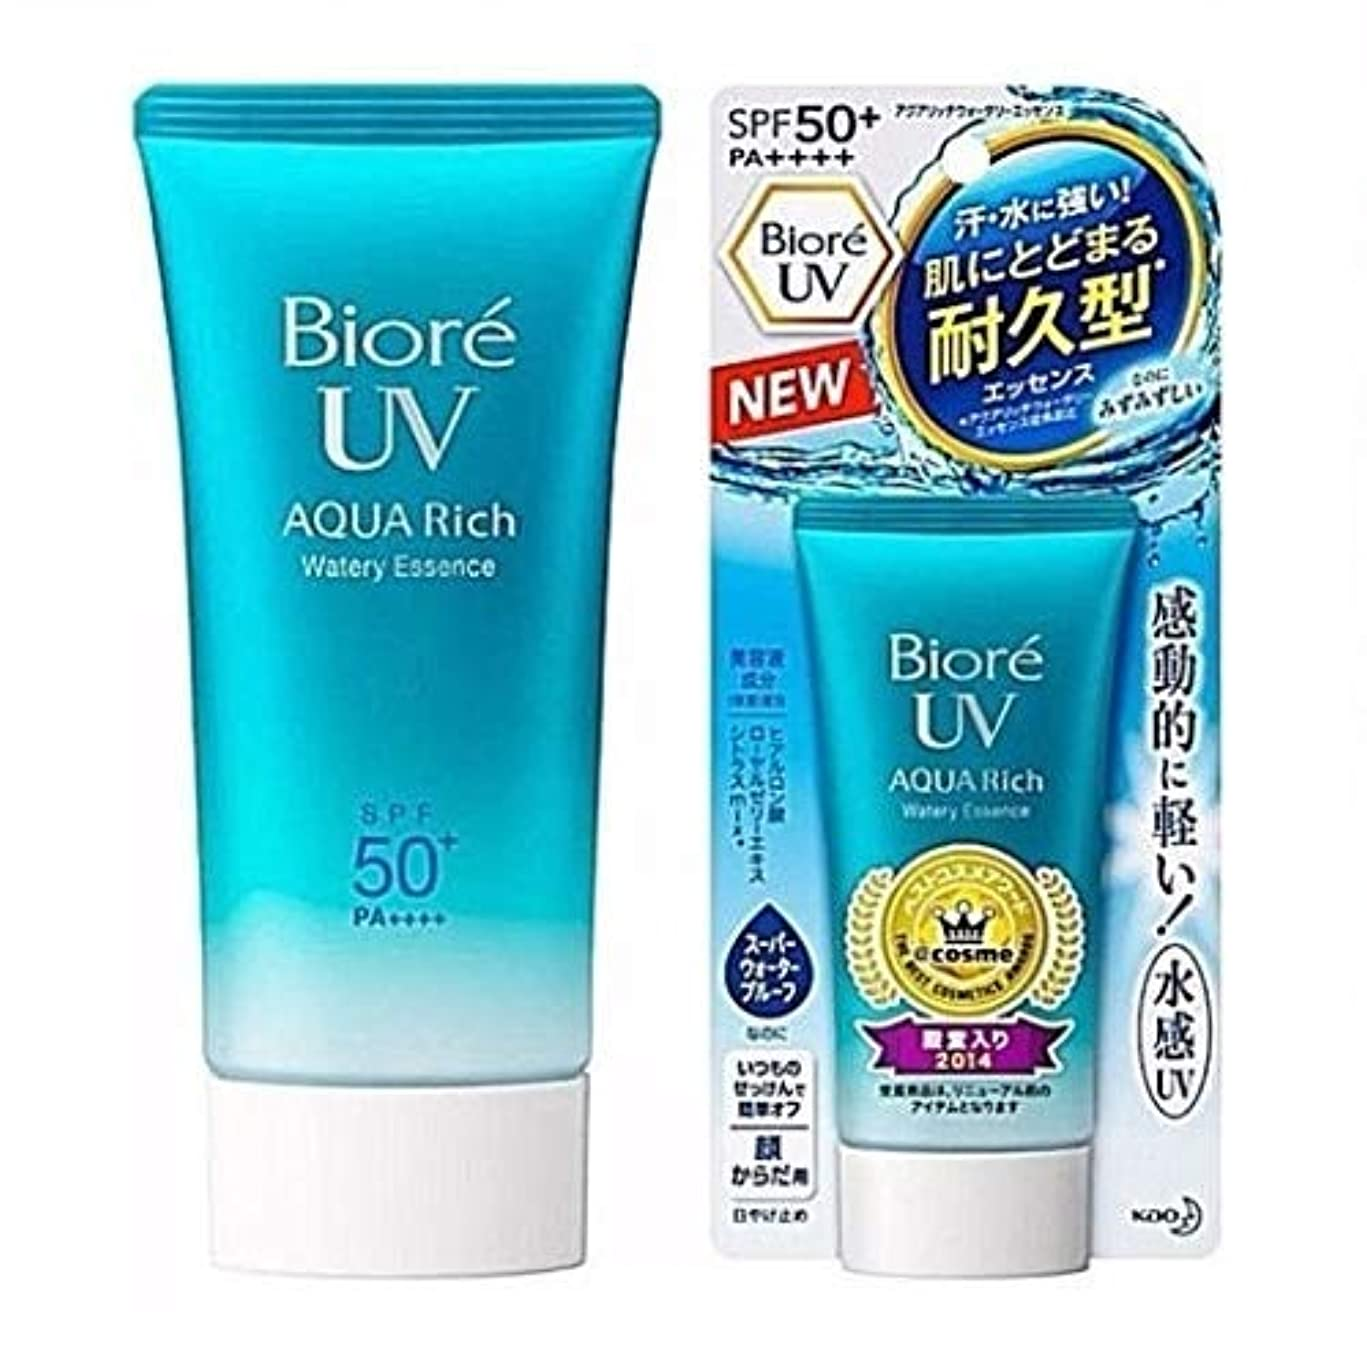 感度ネックレット嘆願BIORE UV AQUA豊富な水っぽいクリームSPF 50 1,50g